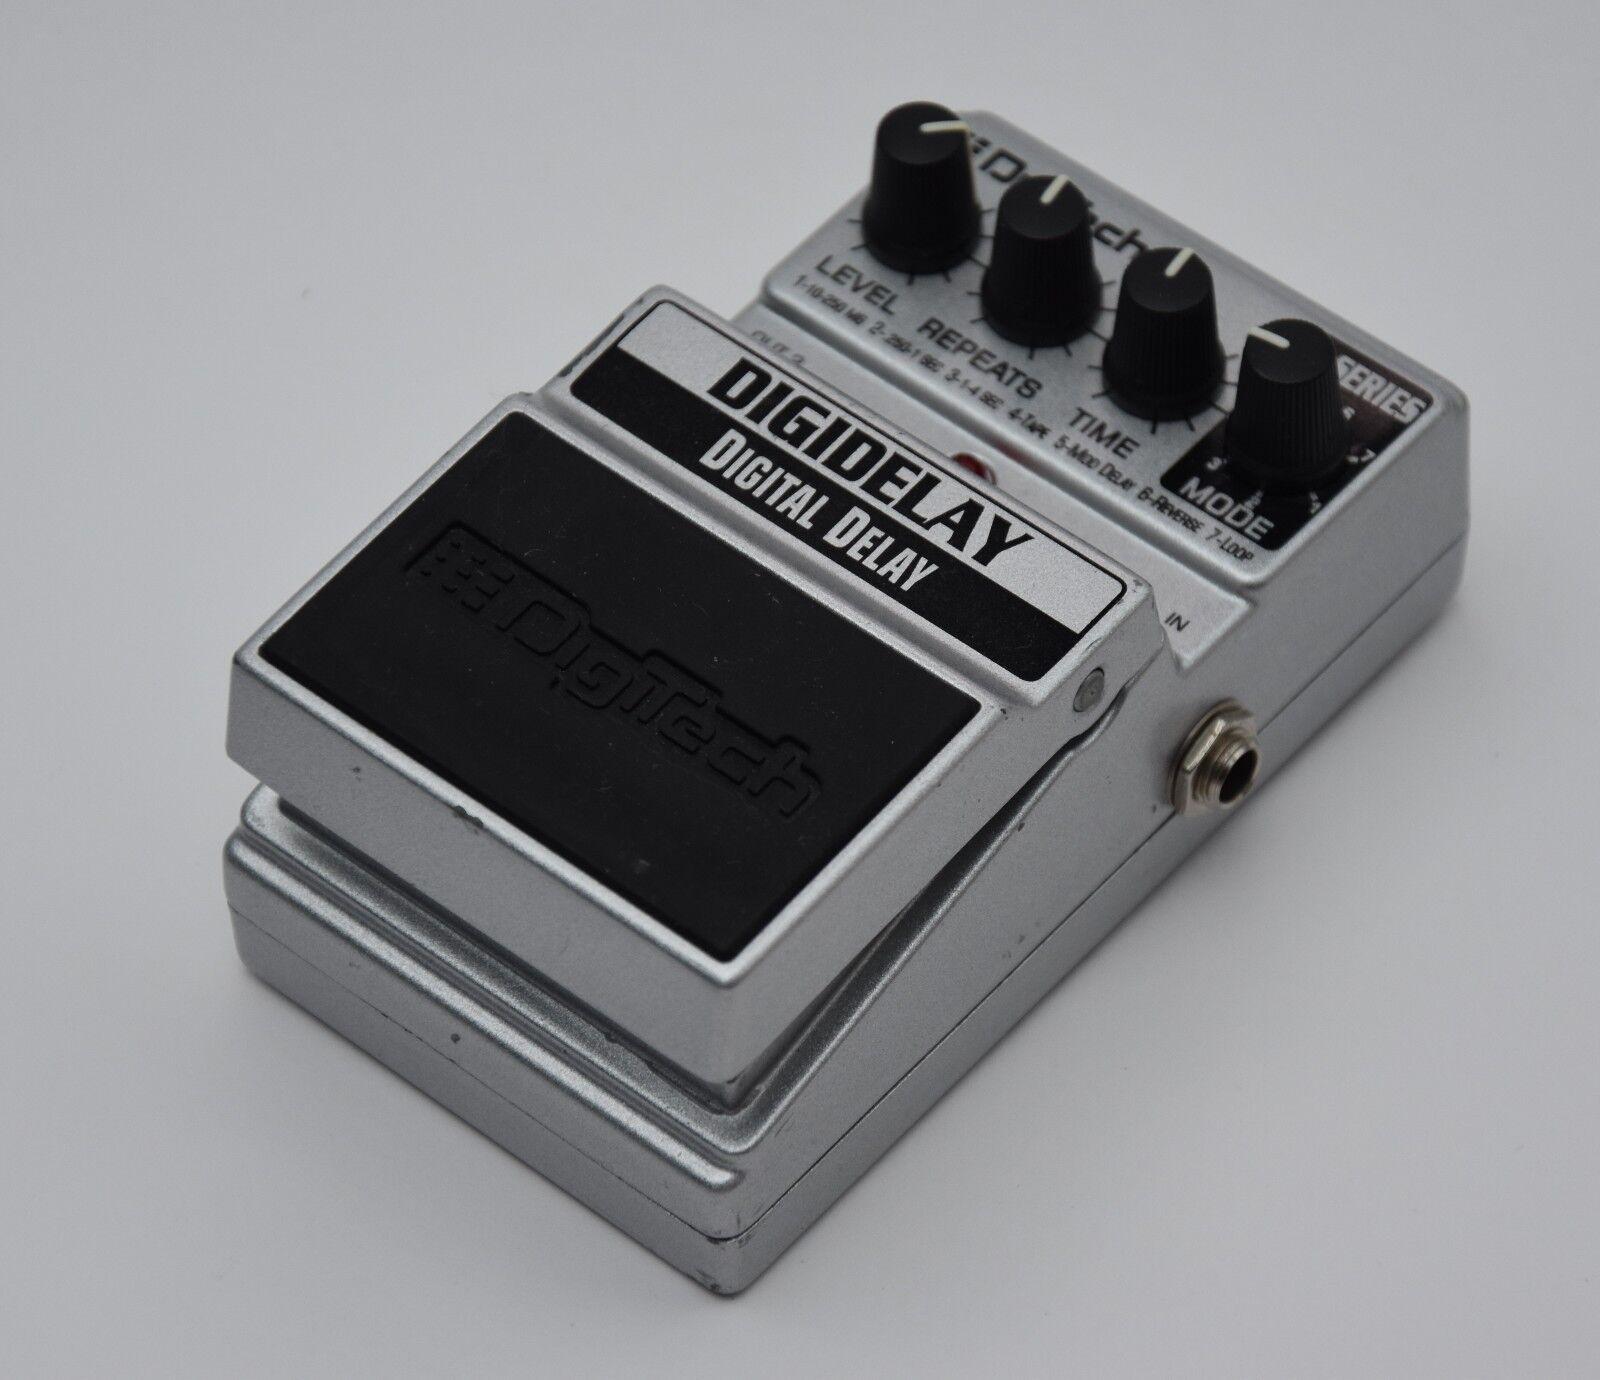 DigiTech DIGIDELAY Digital Delay X-series effects pedal NM+ for guitar bass keys